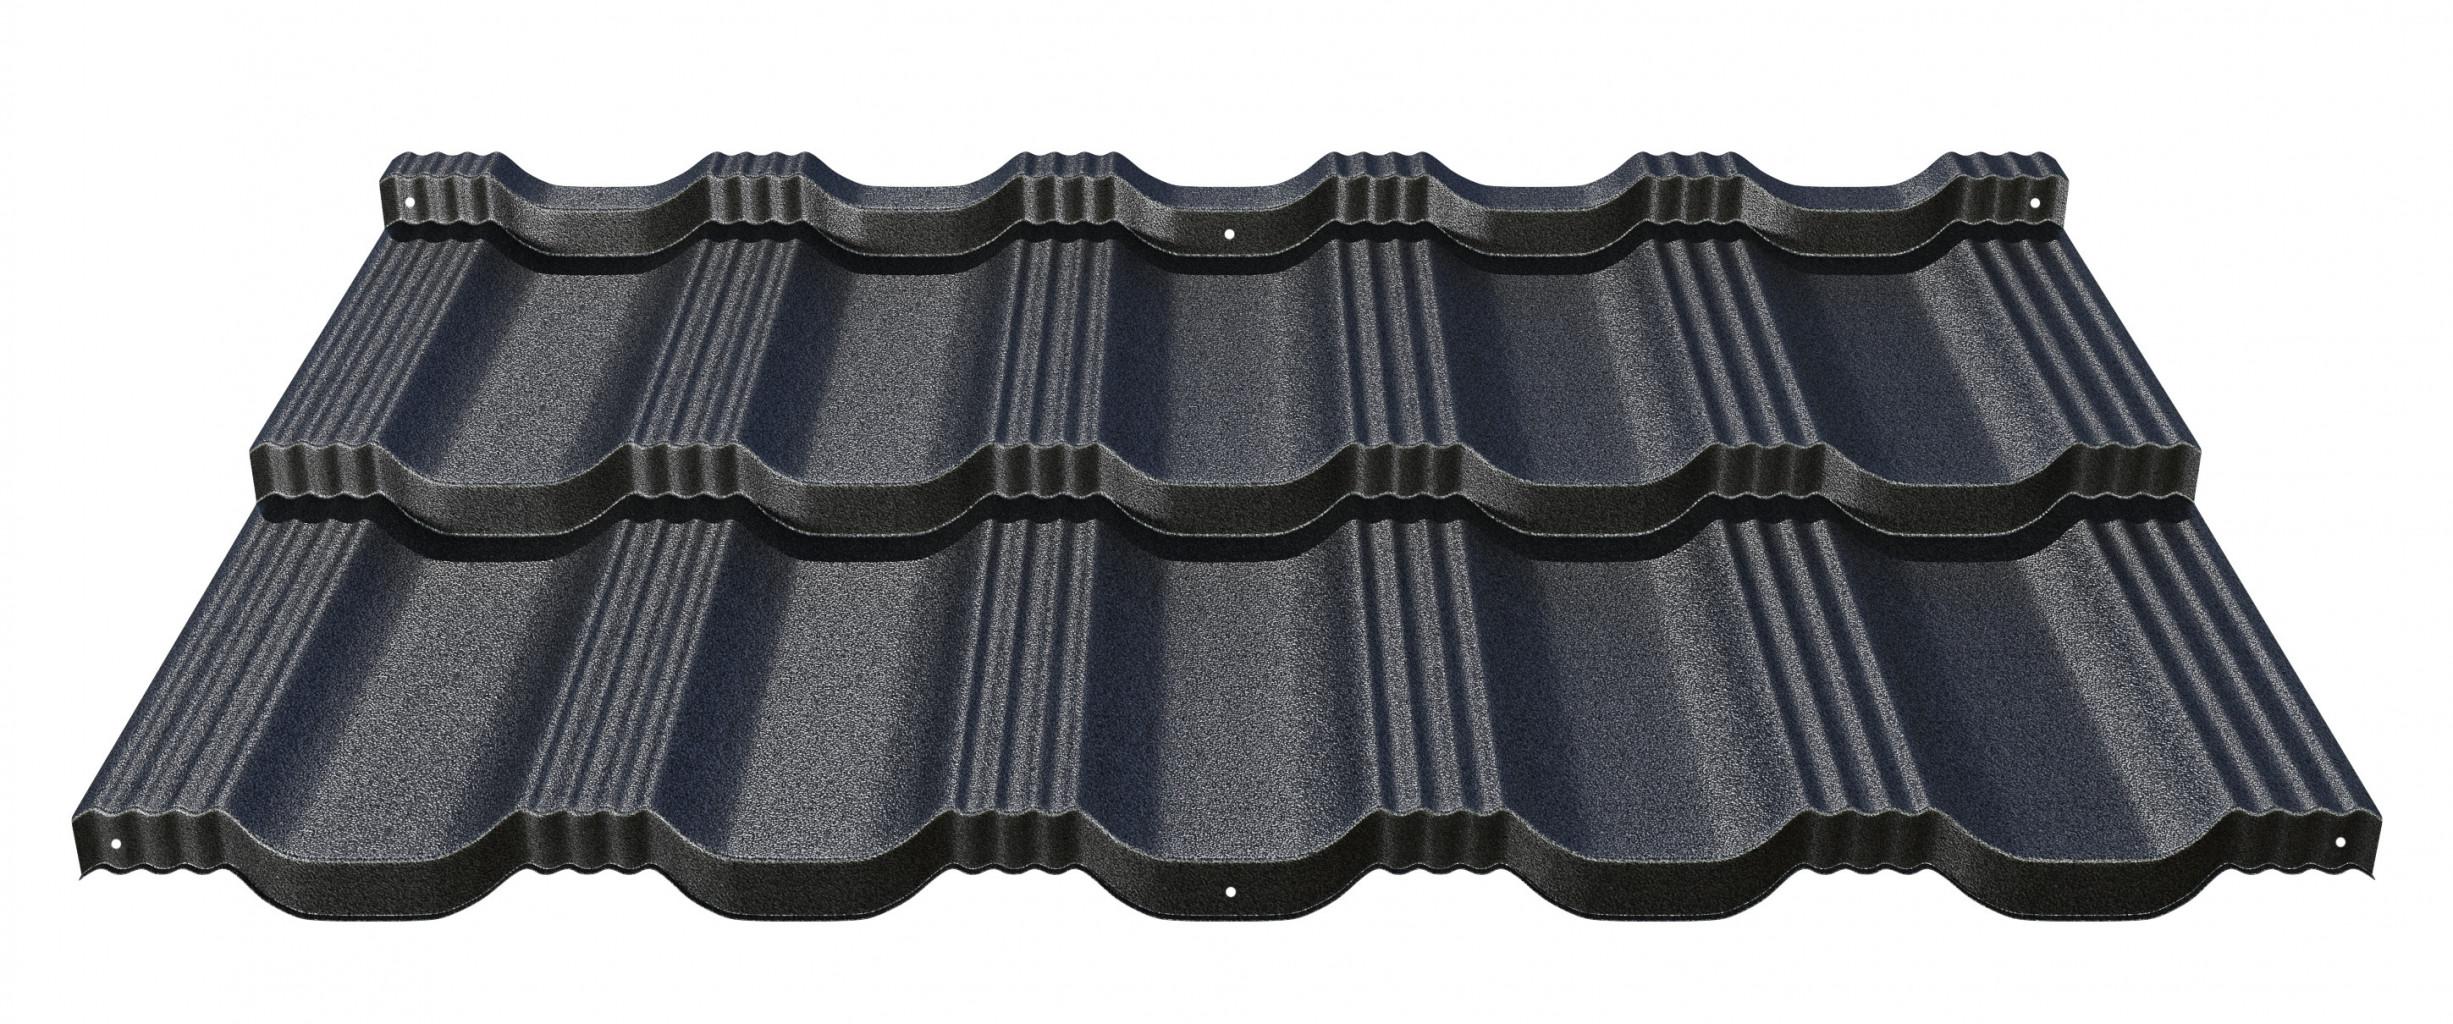 DachHolding blachprofil2  Klasyczne dachówki blaszane Bavaria Roof 2.0